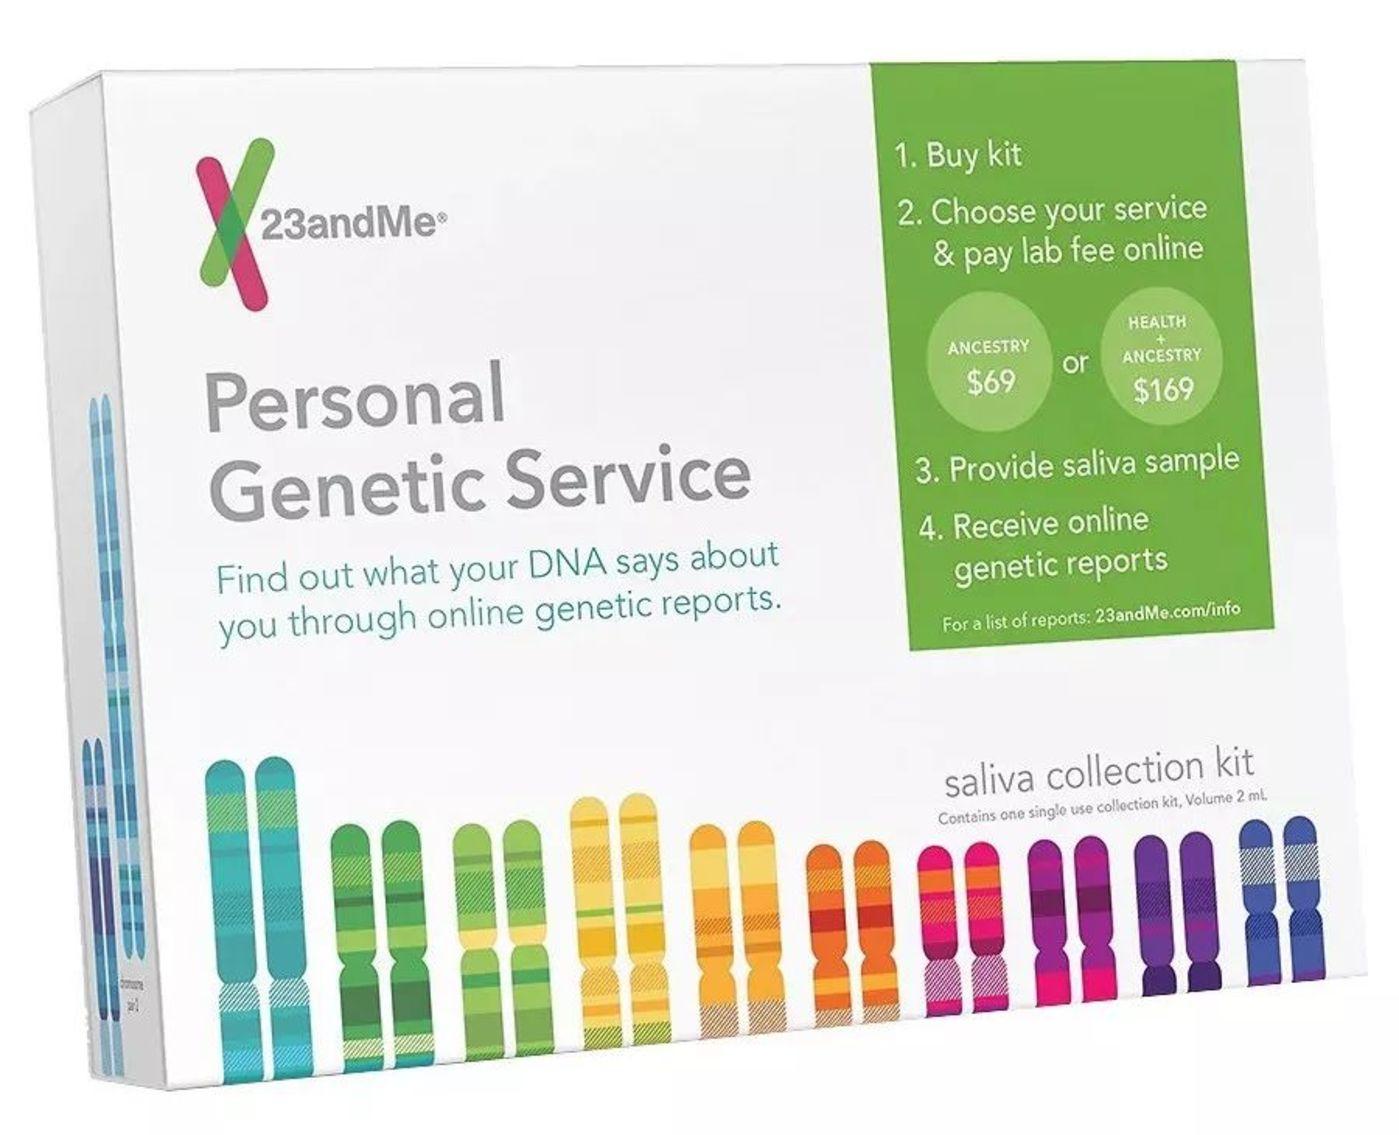 在这些医疗领域独角兽里,基因测序公司 23andMe 论文发表数量第一